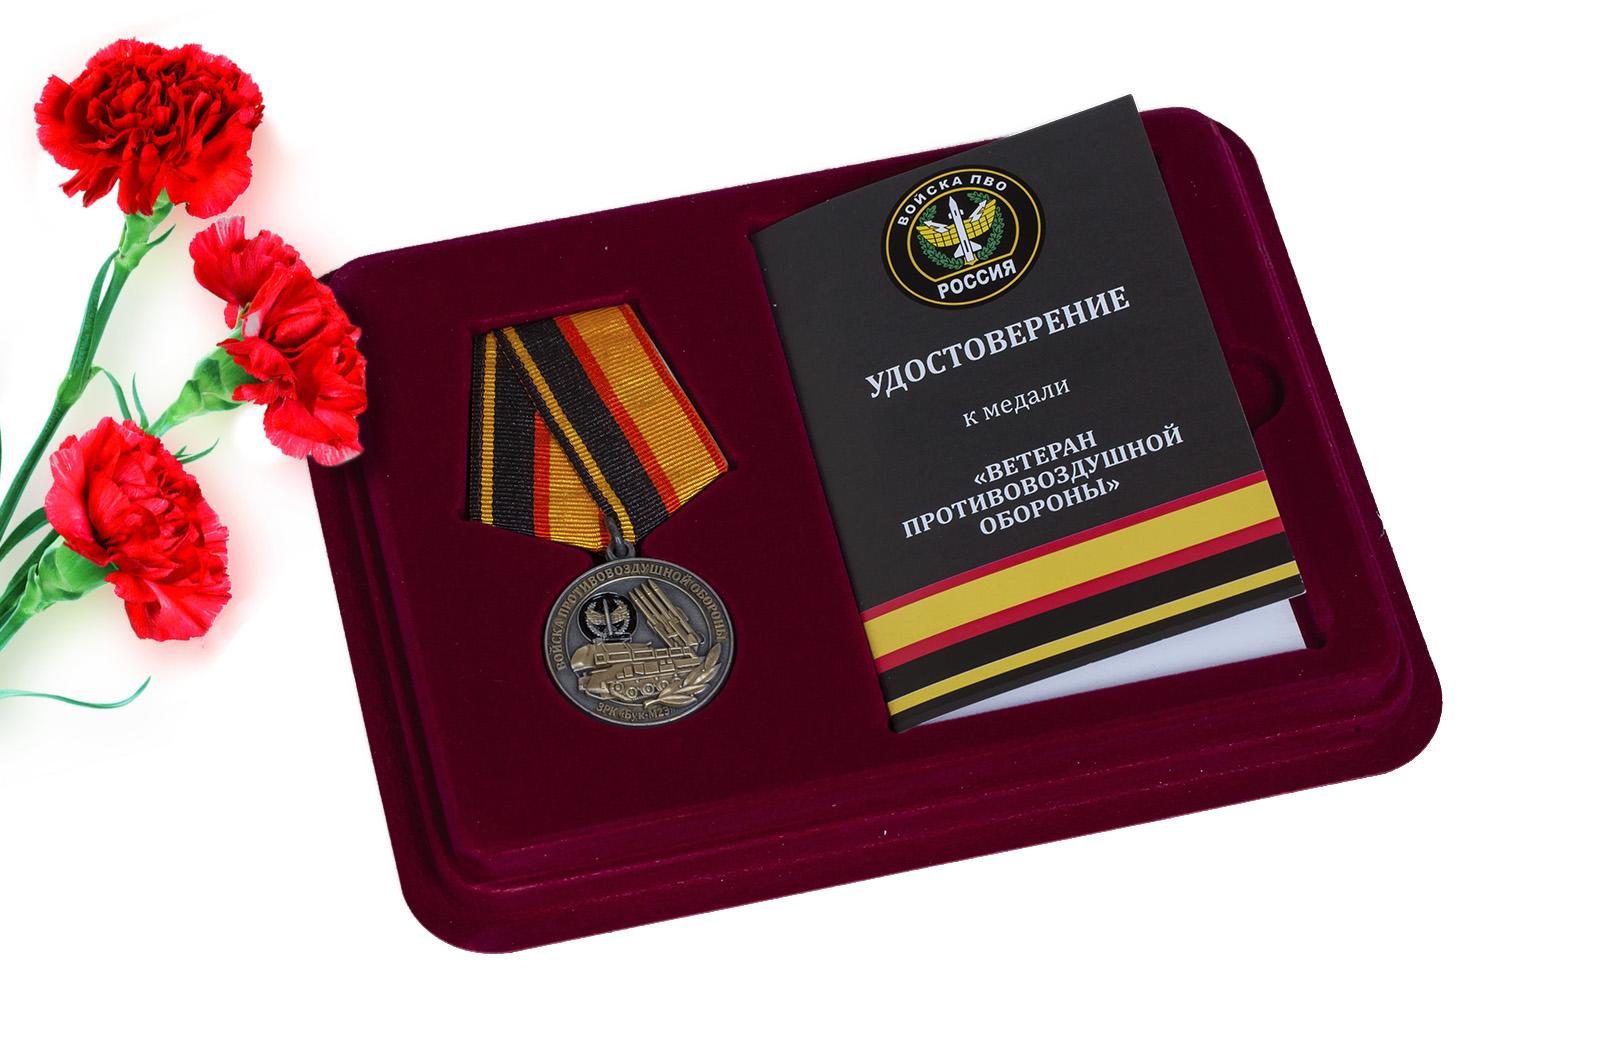 Купить общественную медаль Ветеран ПВО с доставкой или самовывозом